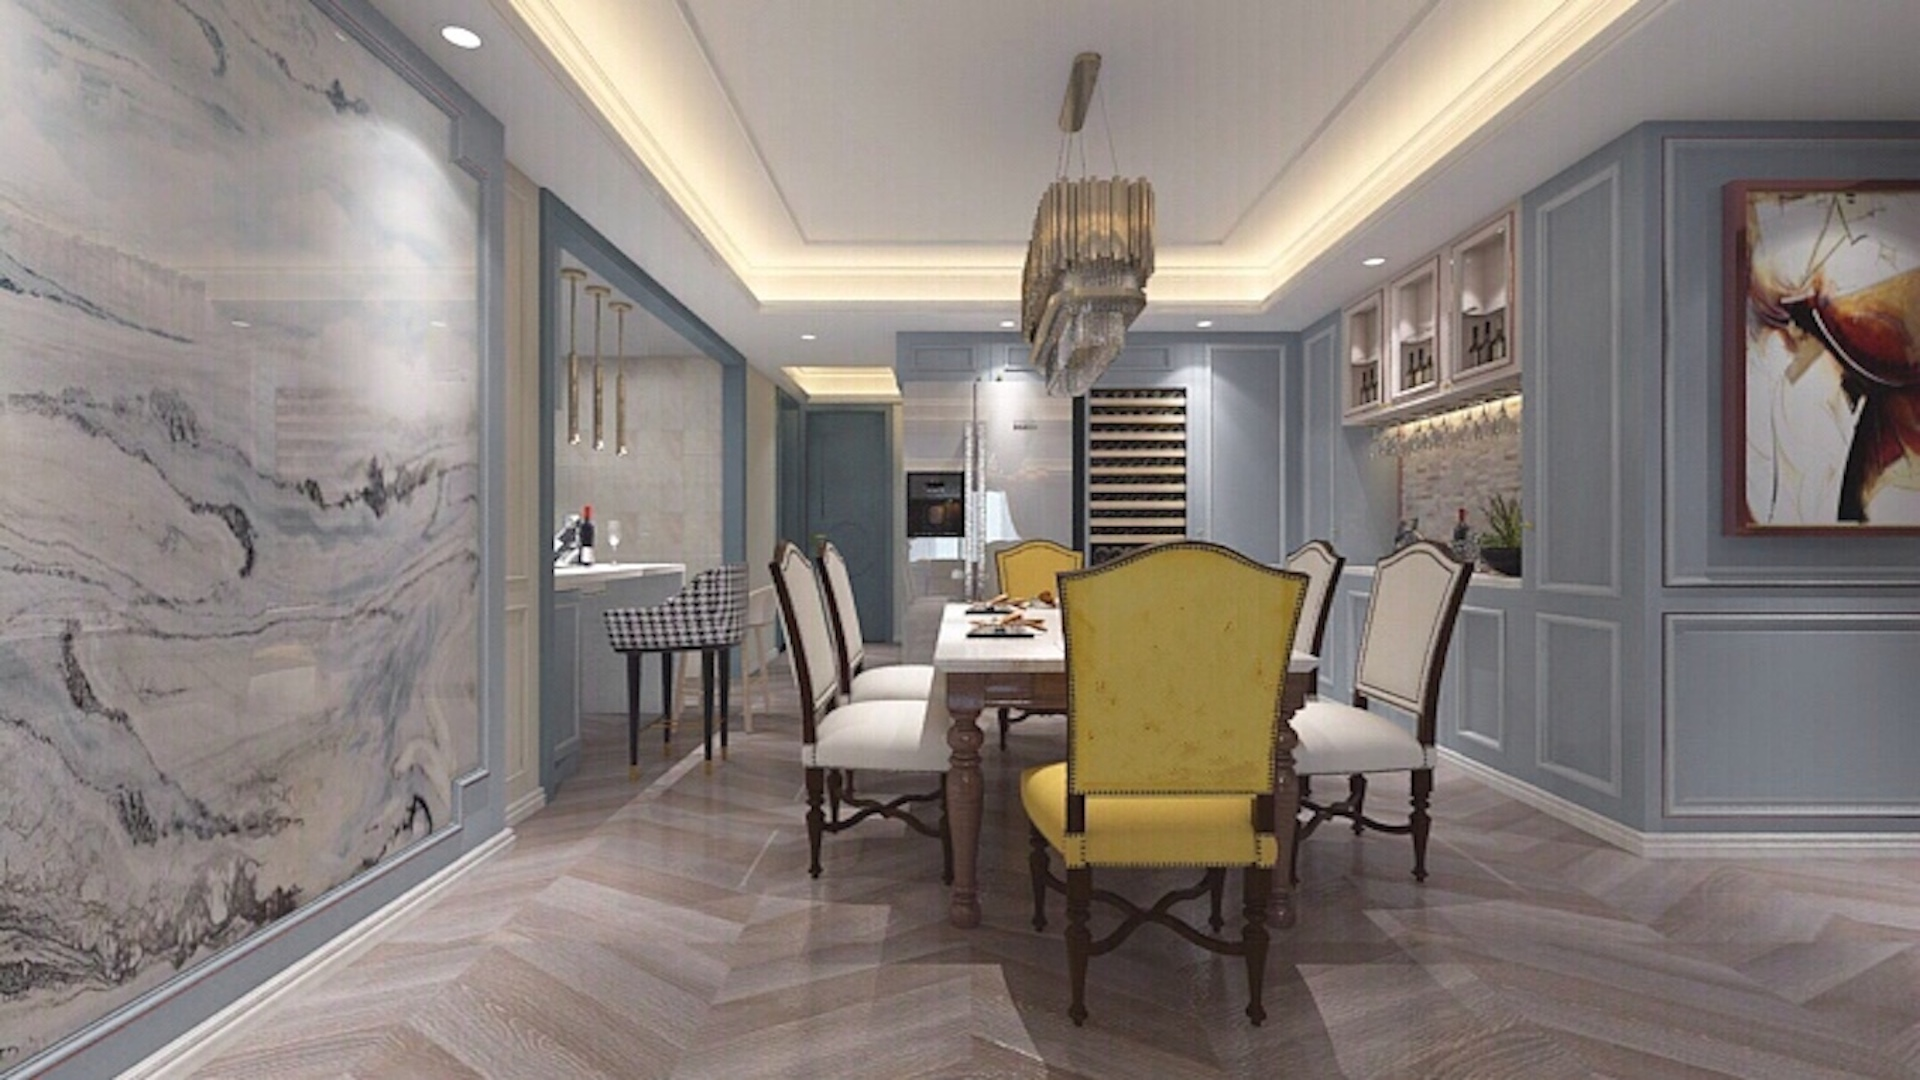 蓝调轻美式装修餐厅效果图